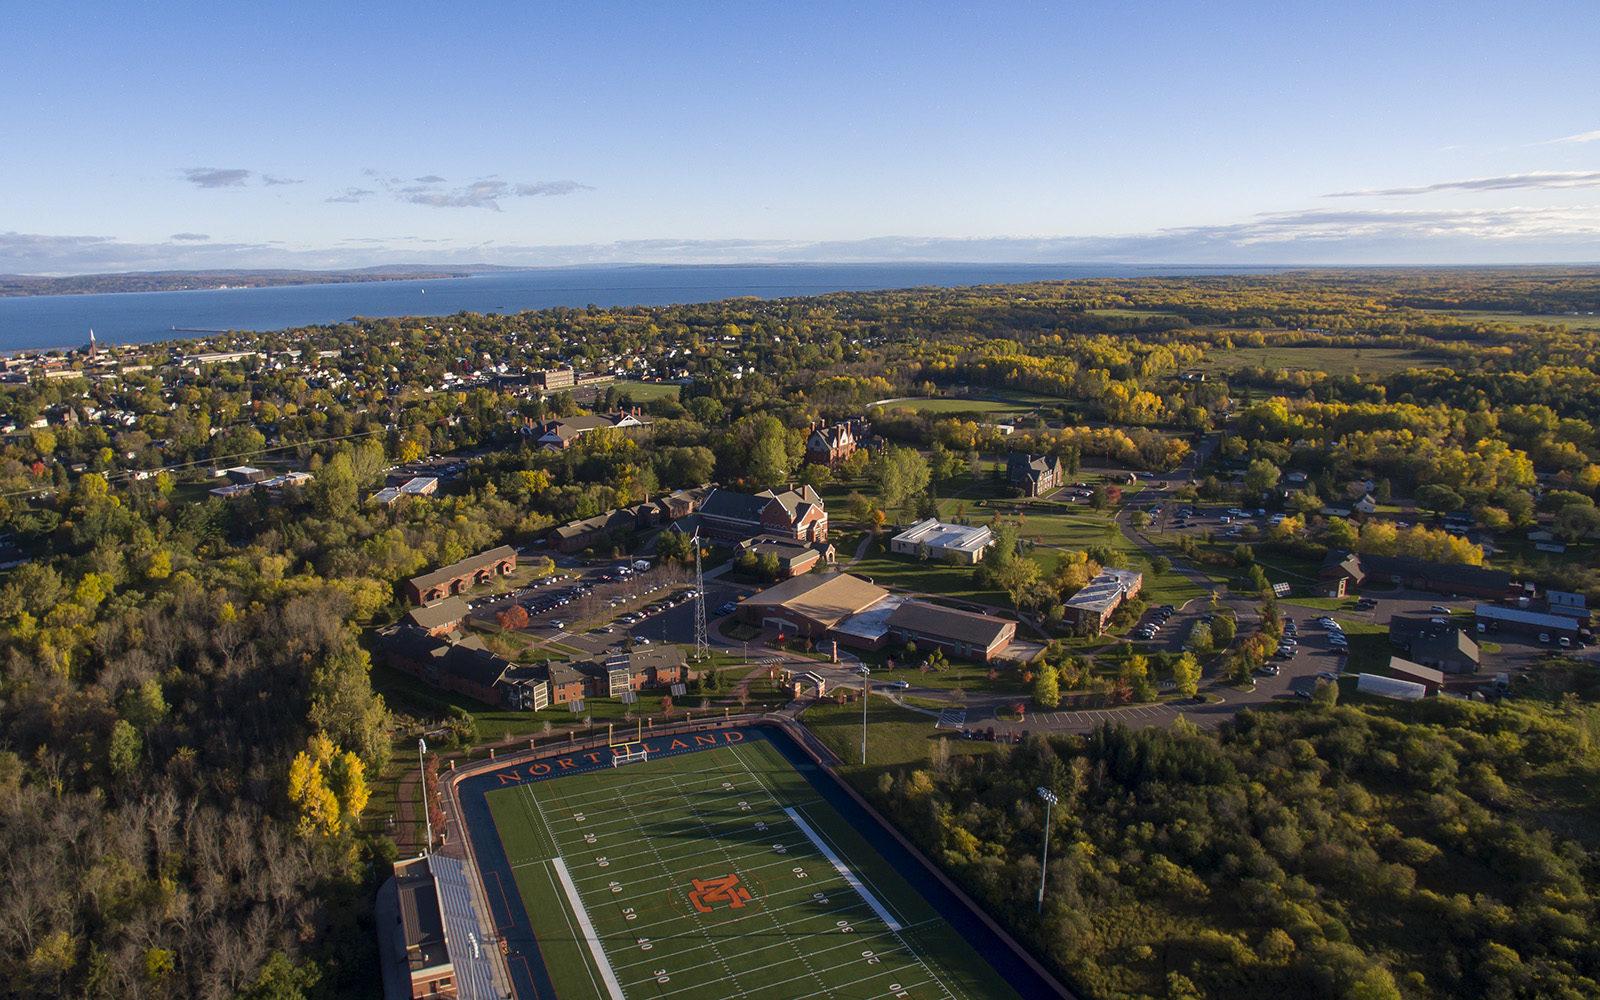 Northland College campus aerial